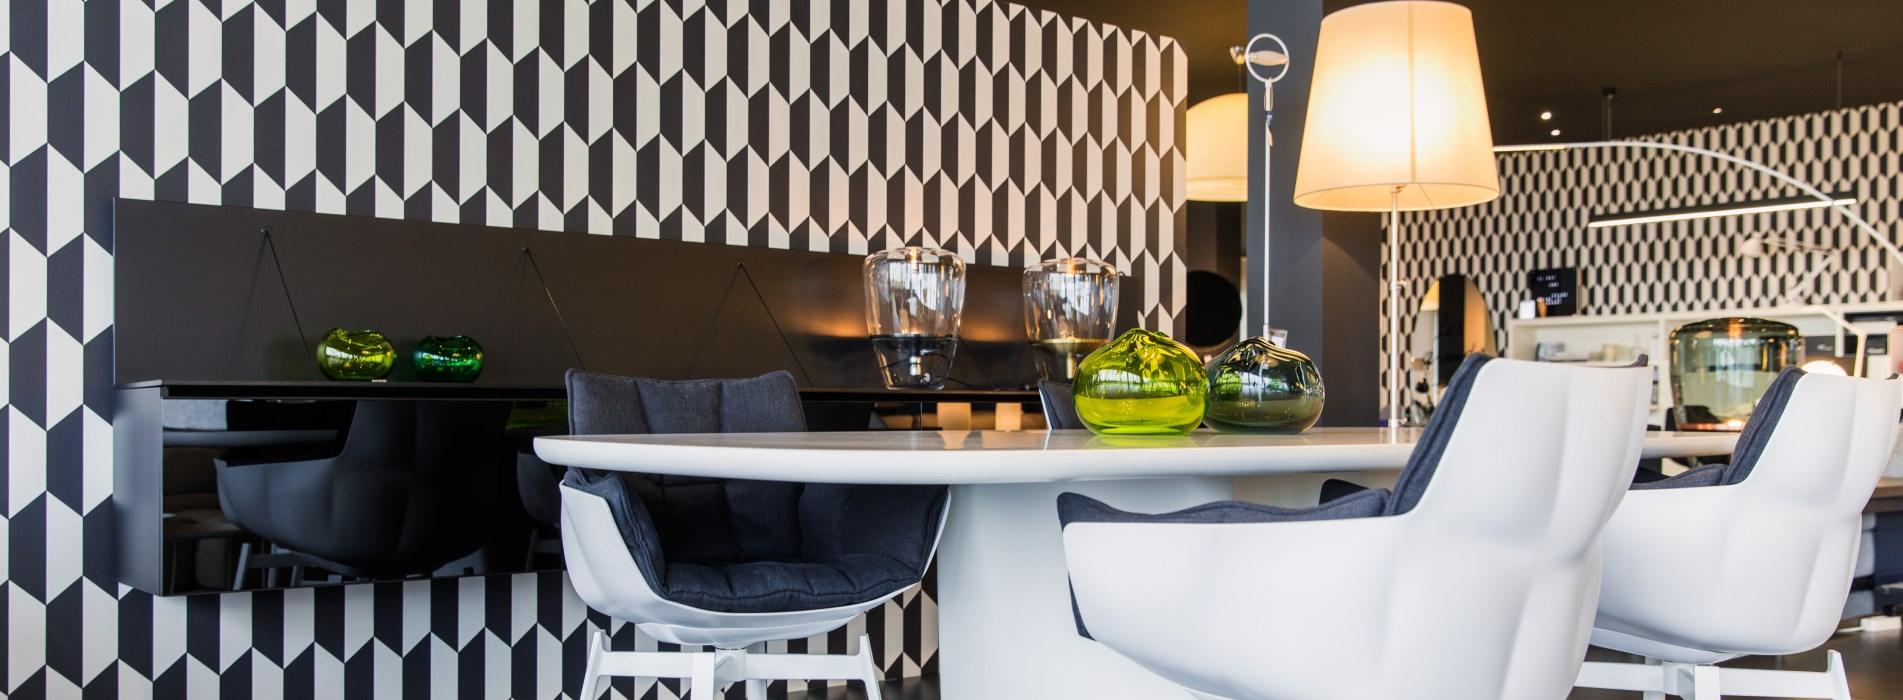 inside-concept-mobilier-design-showroom